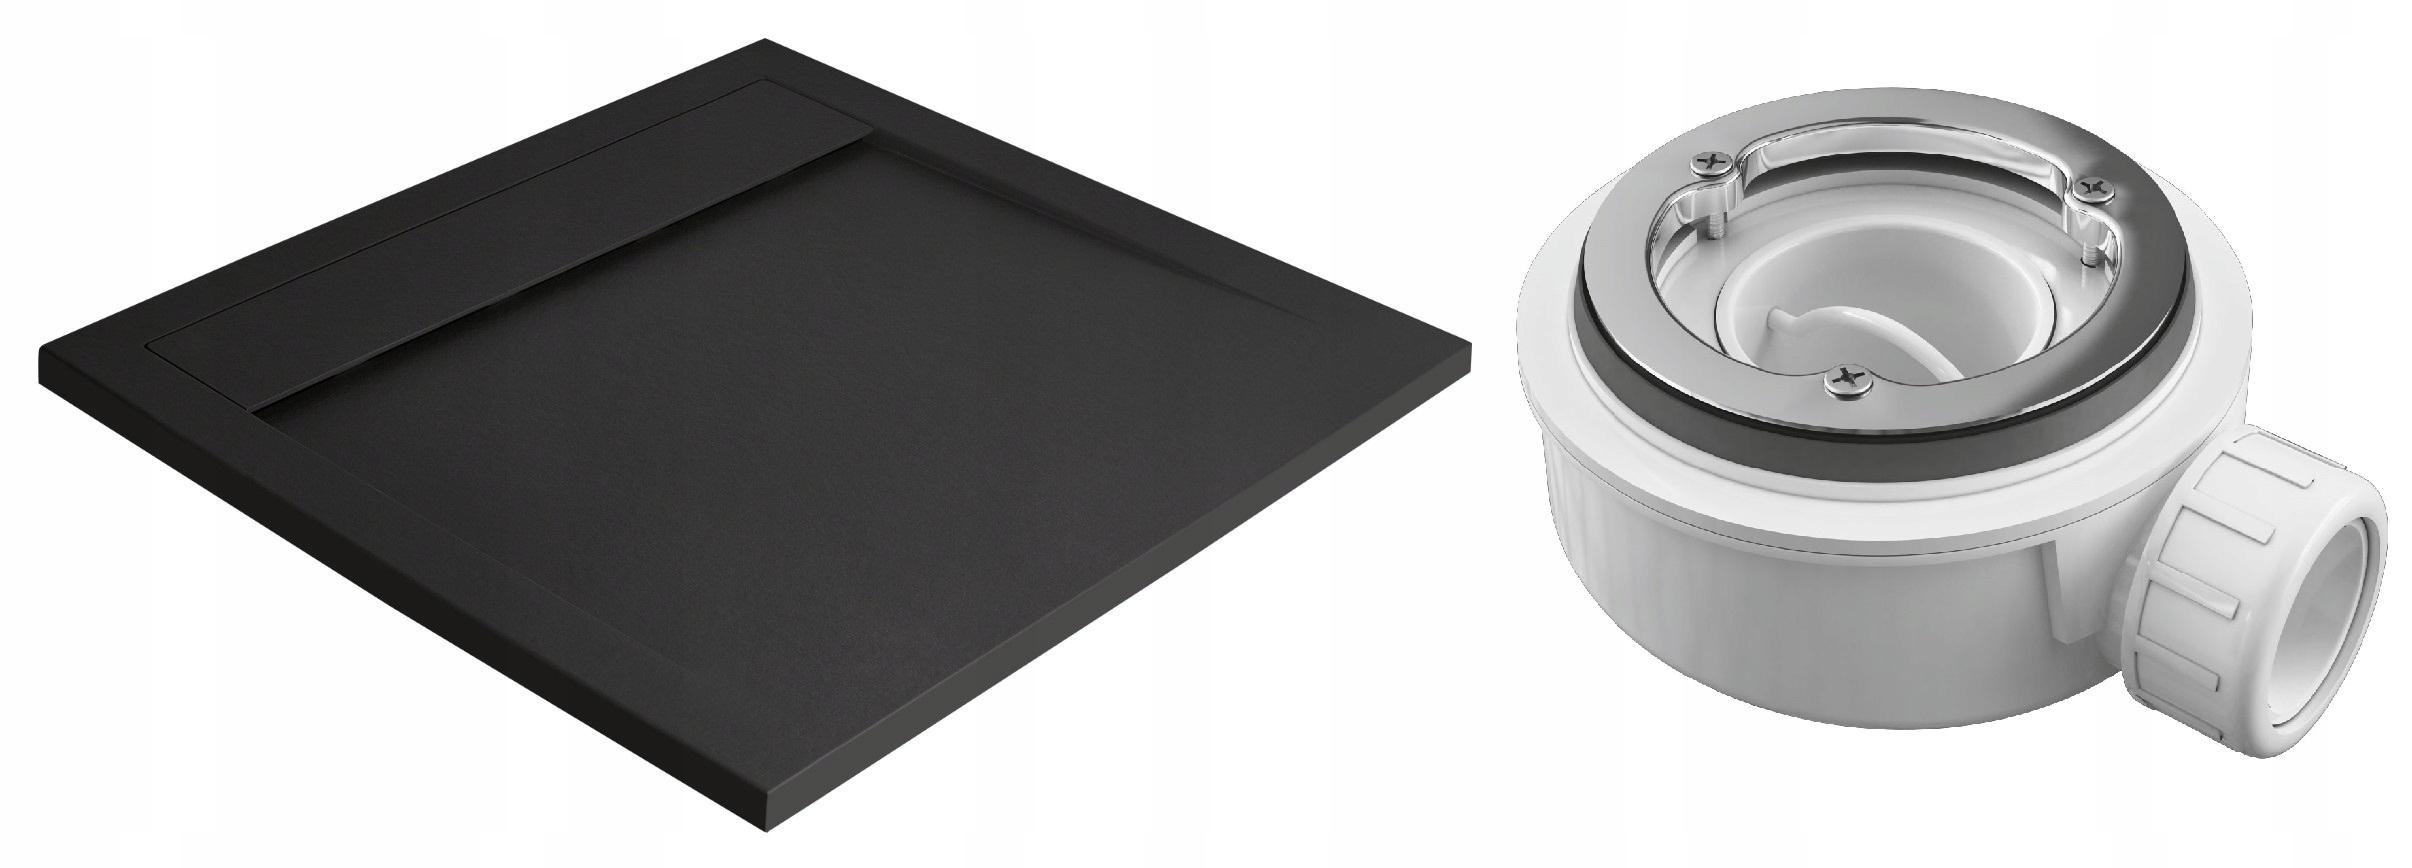 Čierna sprchová vanička Teos C 100x100 RADAWAY + sifón HS1